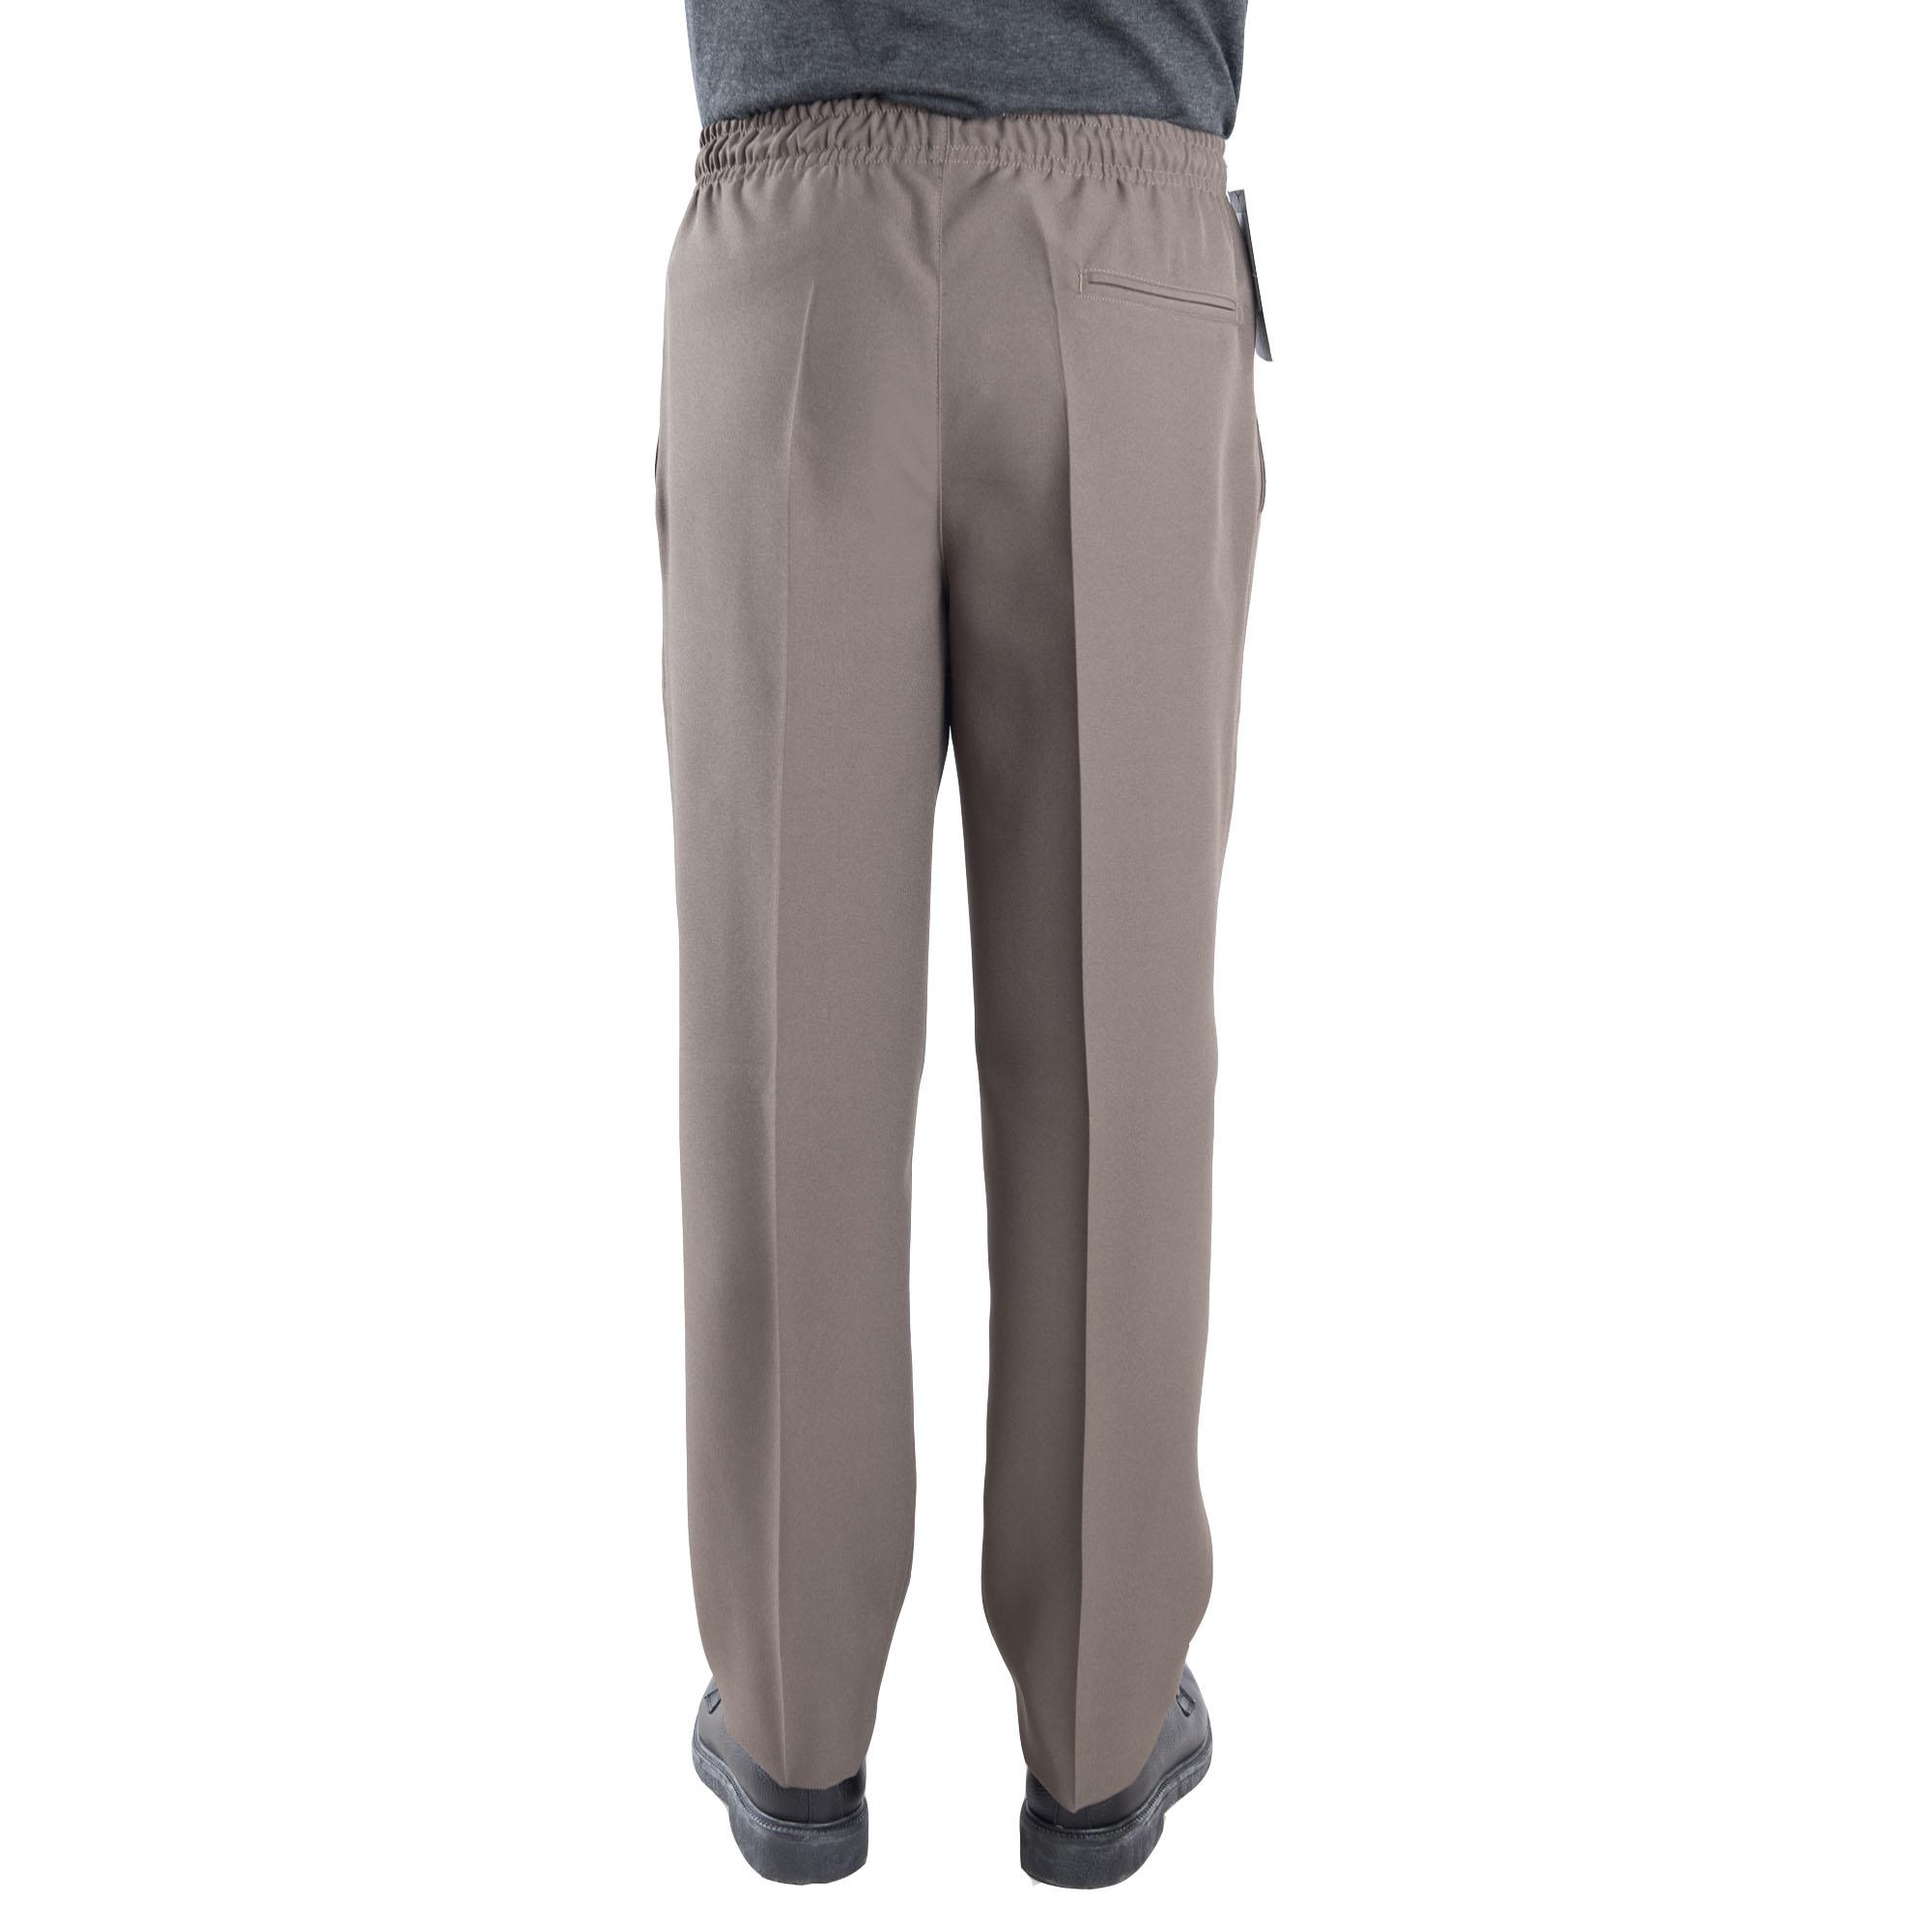 Pantalones XL sin marca para hombres | eBay